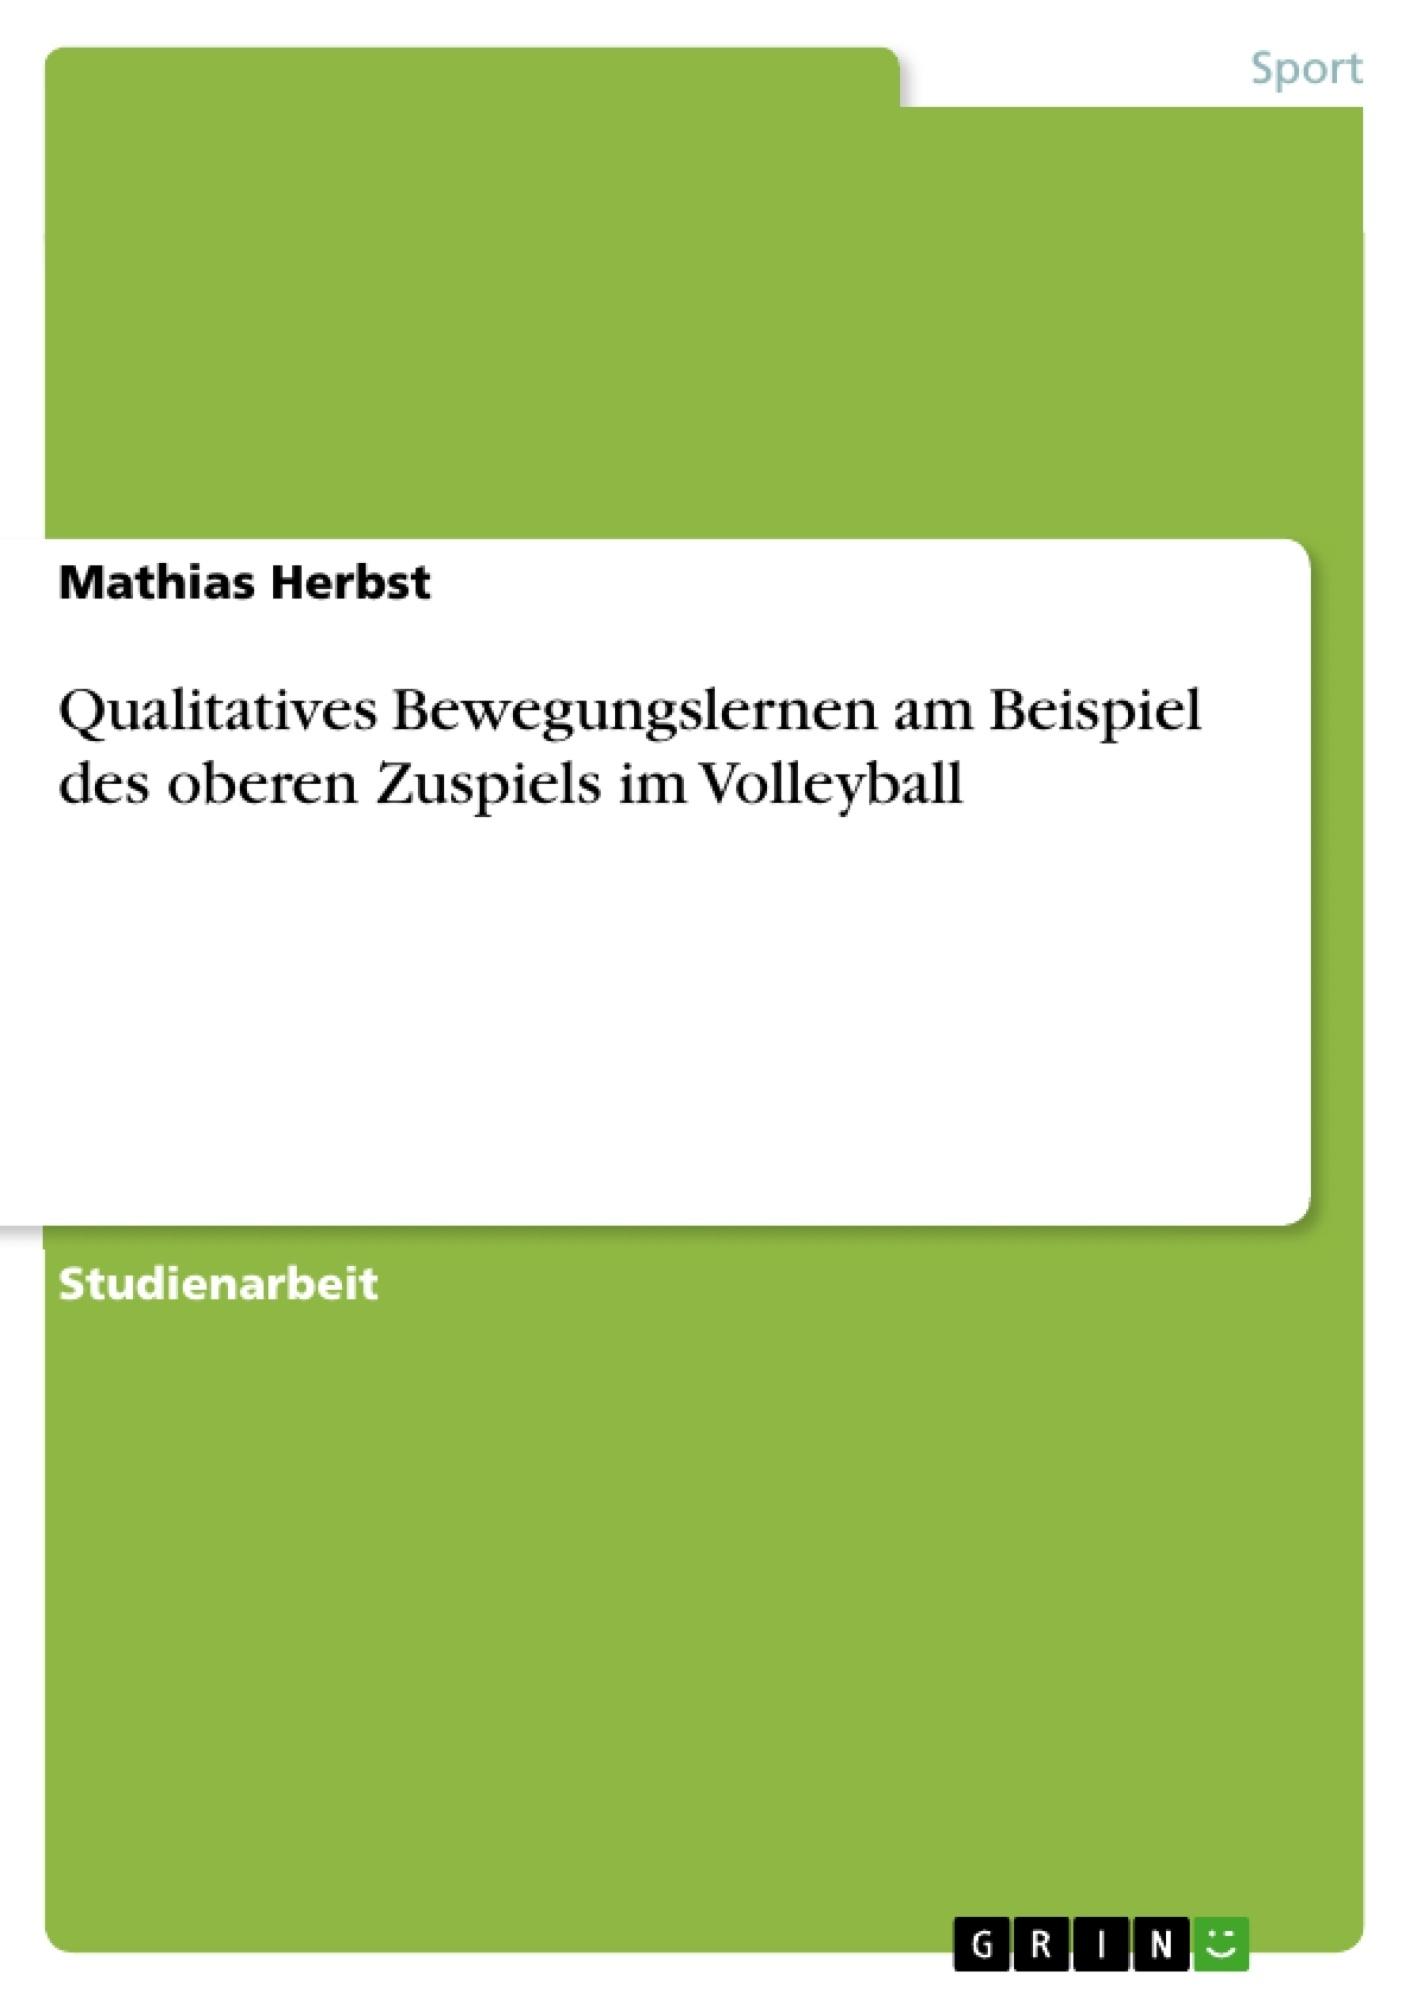 Titel: Qualitatives Bewegungslernen am Beispiel des oberen Zuspiels im Volleyball